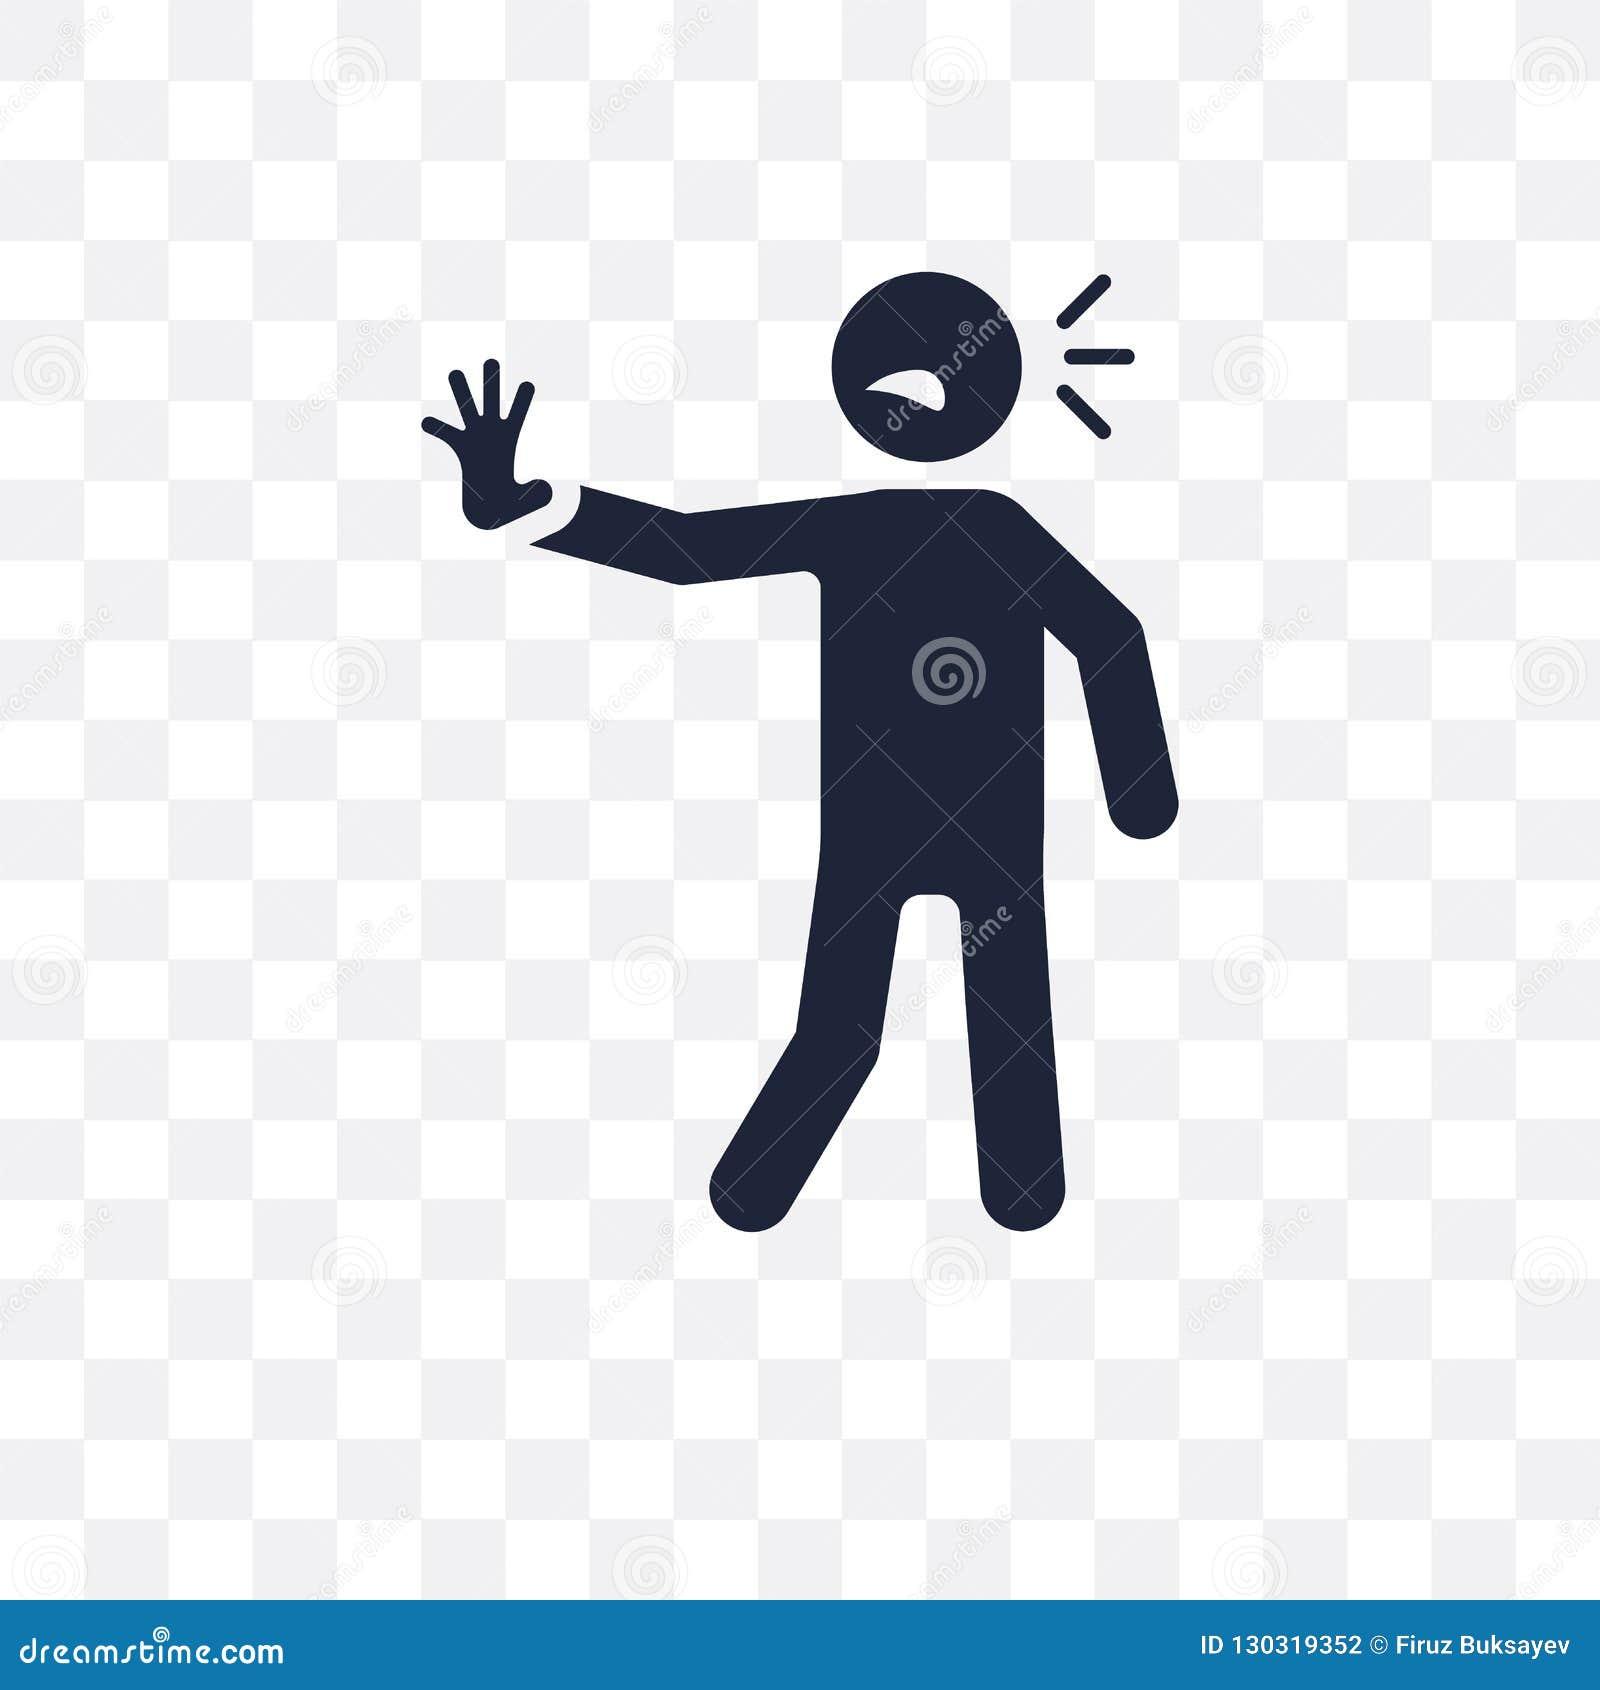 Icono transparente humano bombeado diseño humano bombeado del símbolo de F